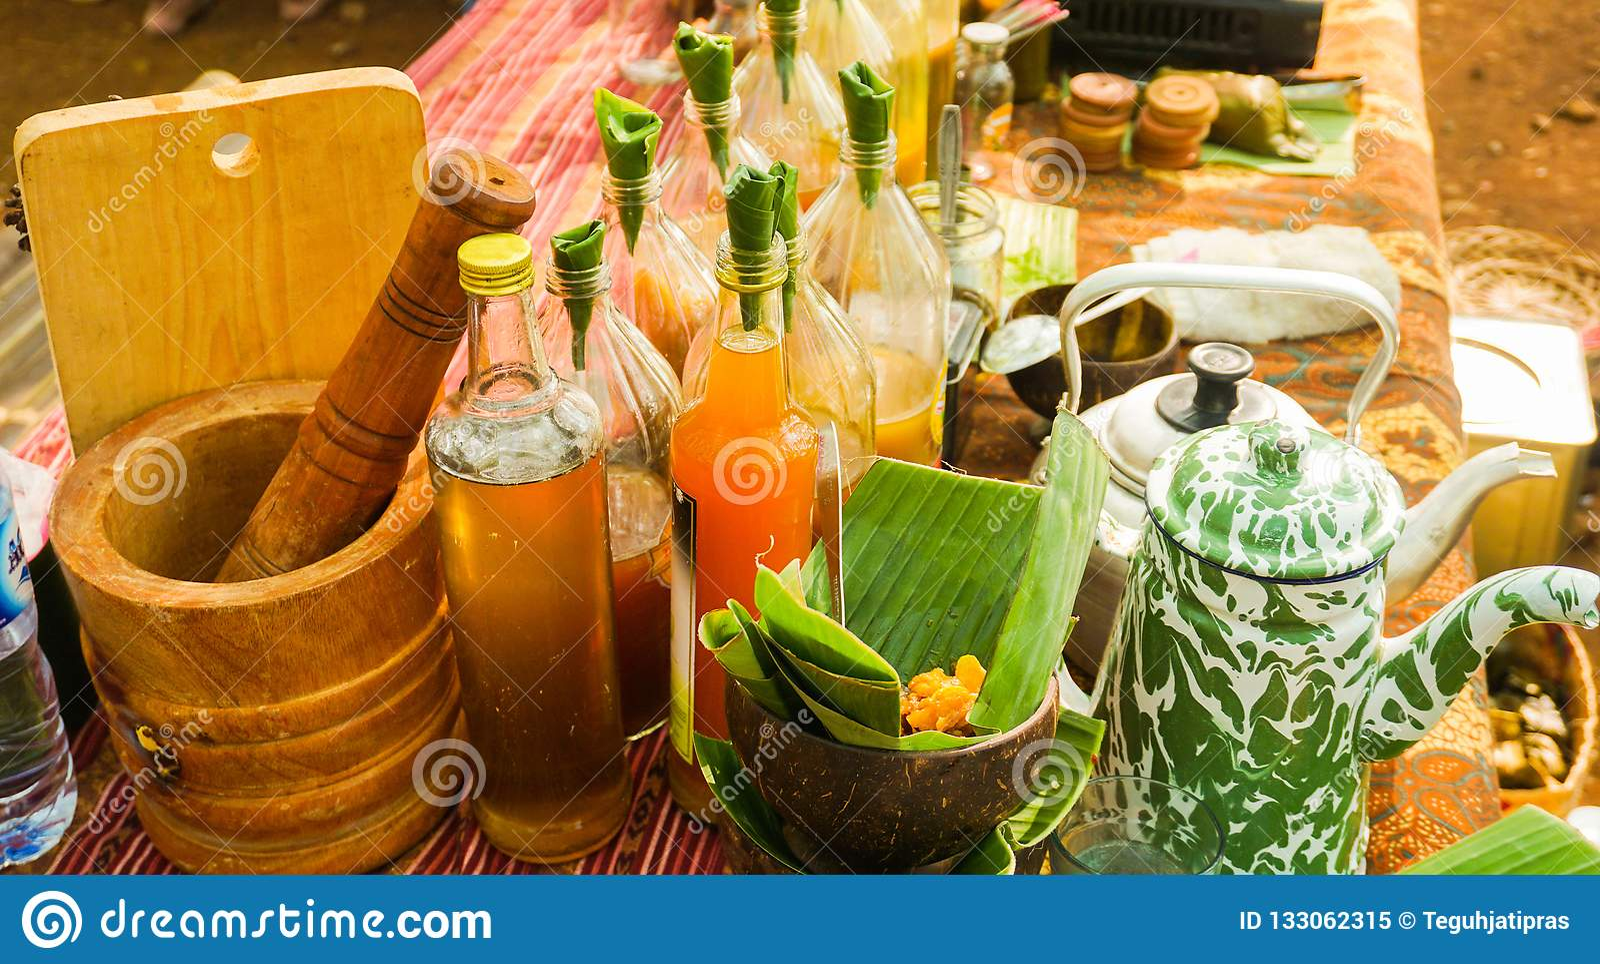 Jamu lub tradycyjny zdrowy napój robić od pikantności w butelce